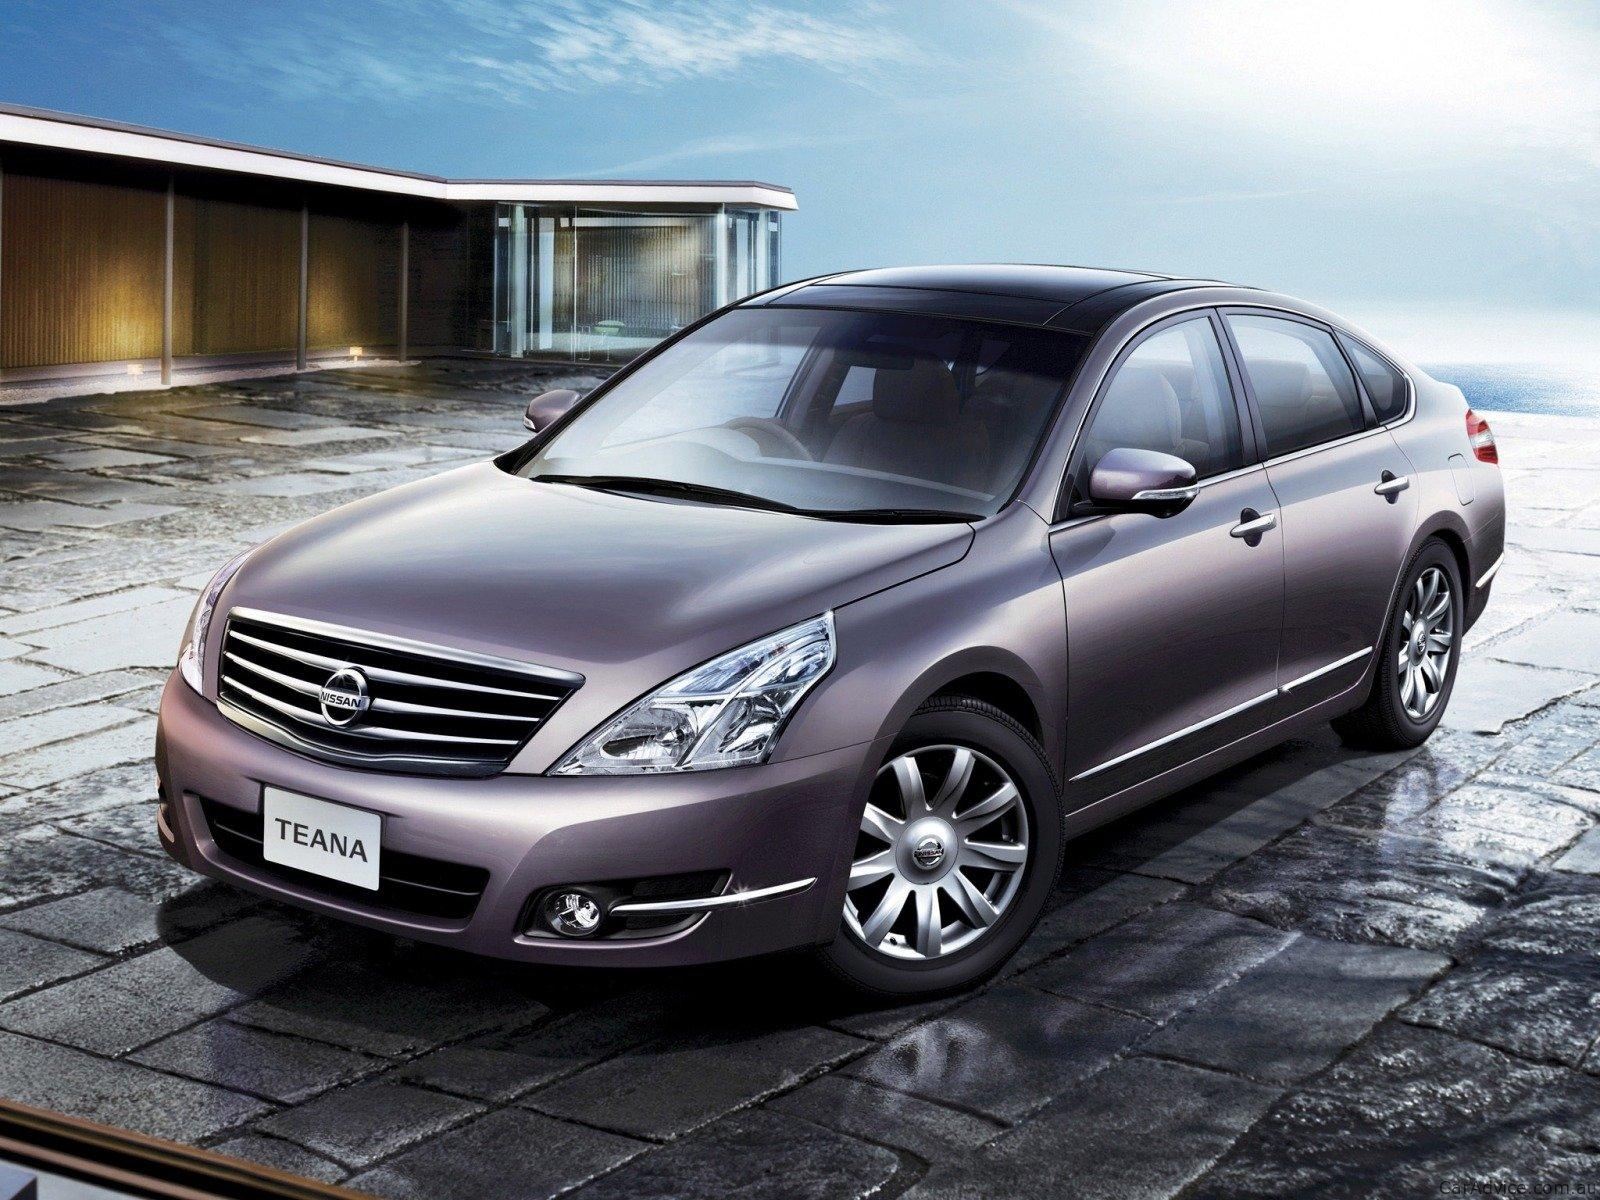 Отличный автомобиль, с великолепной внешностью, комфортабельным интерьером и хорошей надежностью.